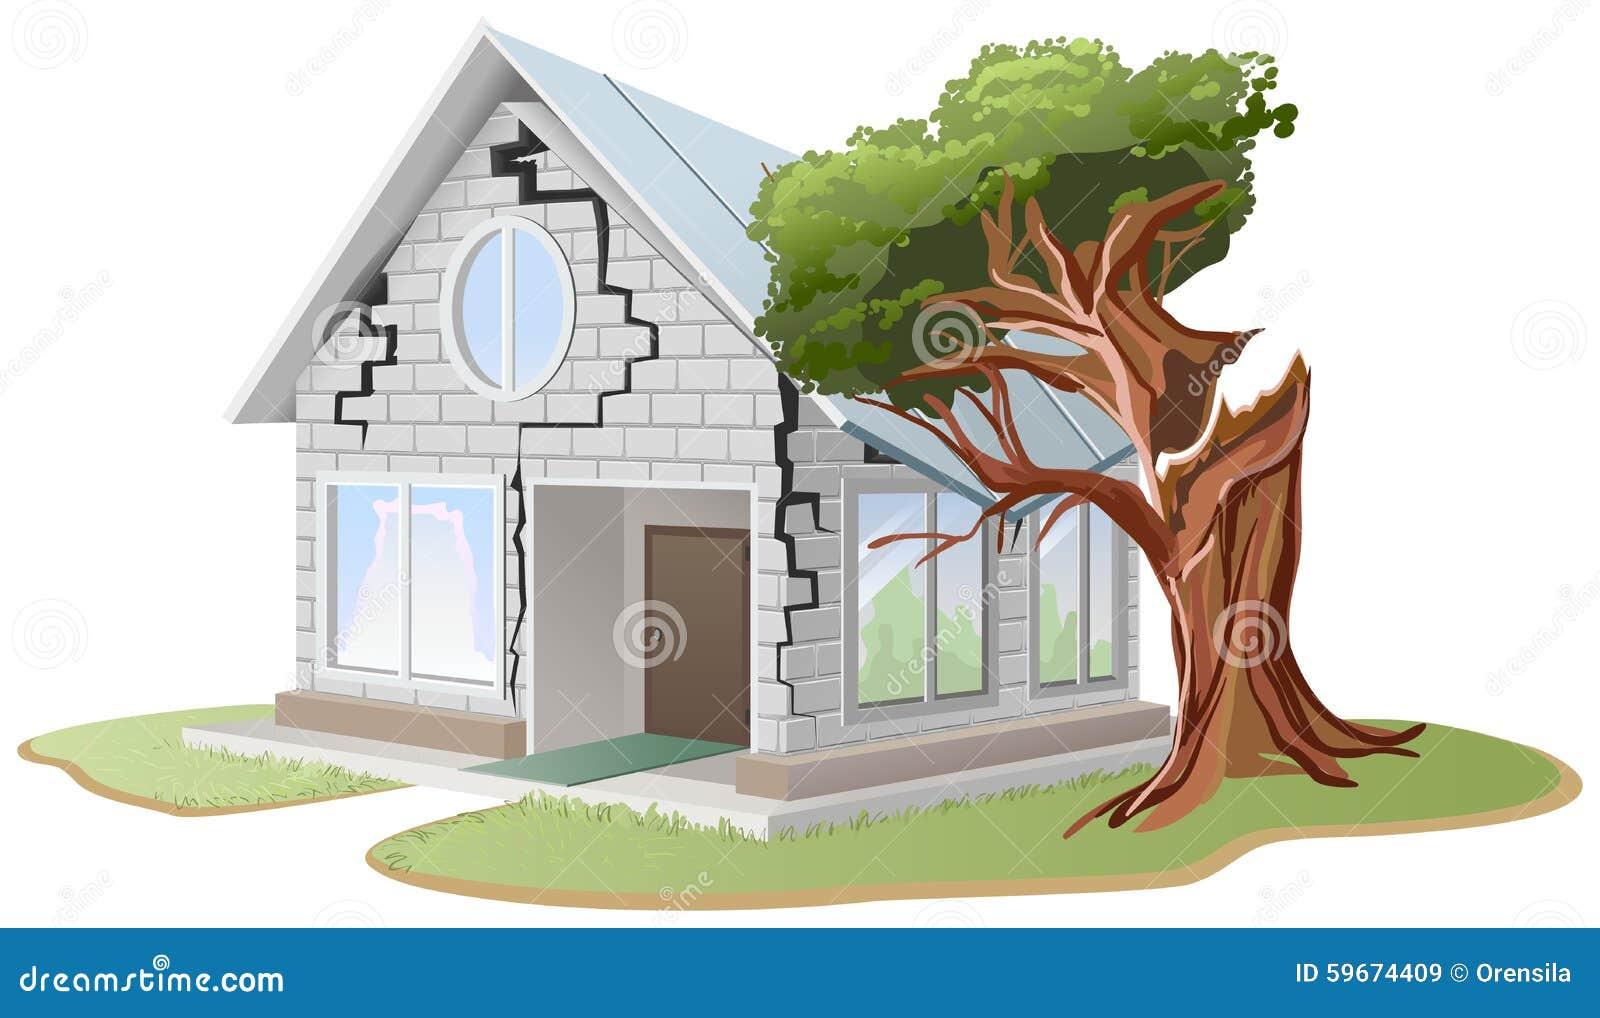 Ρωγμή στο τουβλότοιχο του σπιτιού Το δέντρο αφόρησε το σπίτι Το δέντρο έσπασε το σπίτι